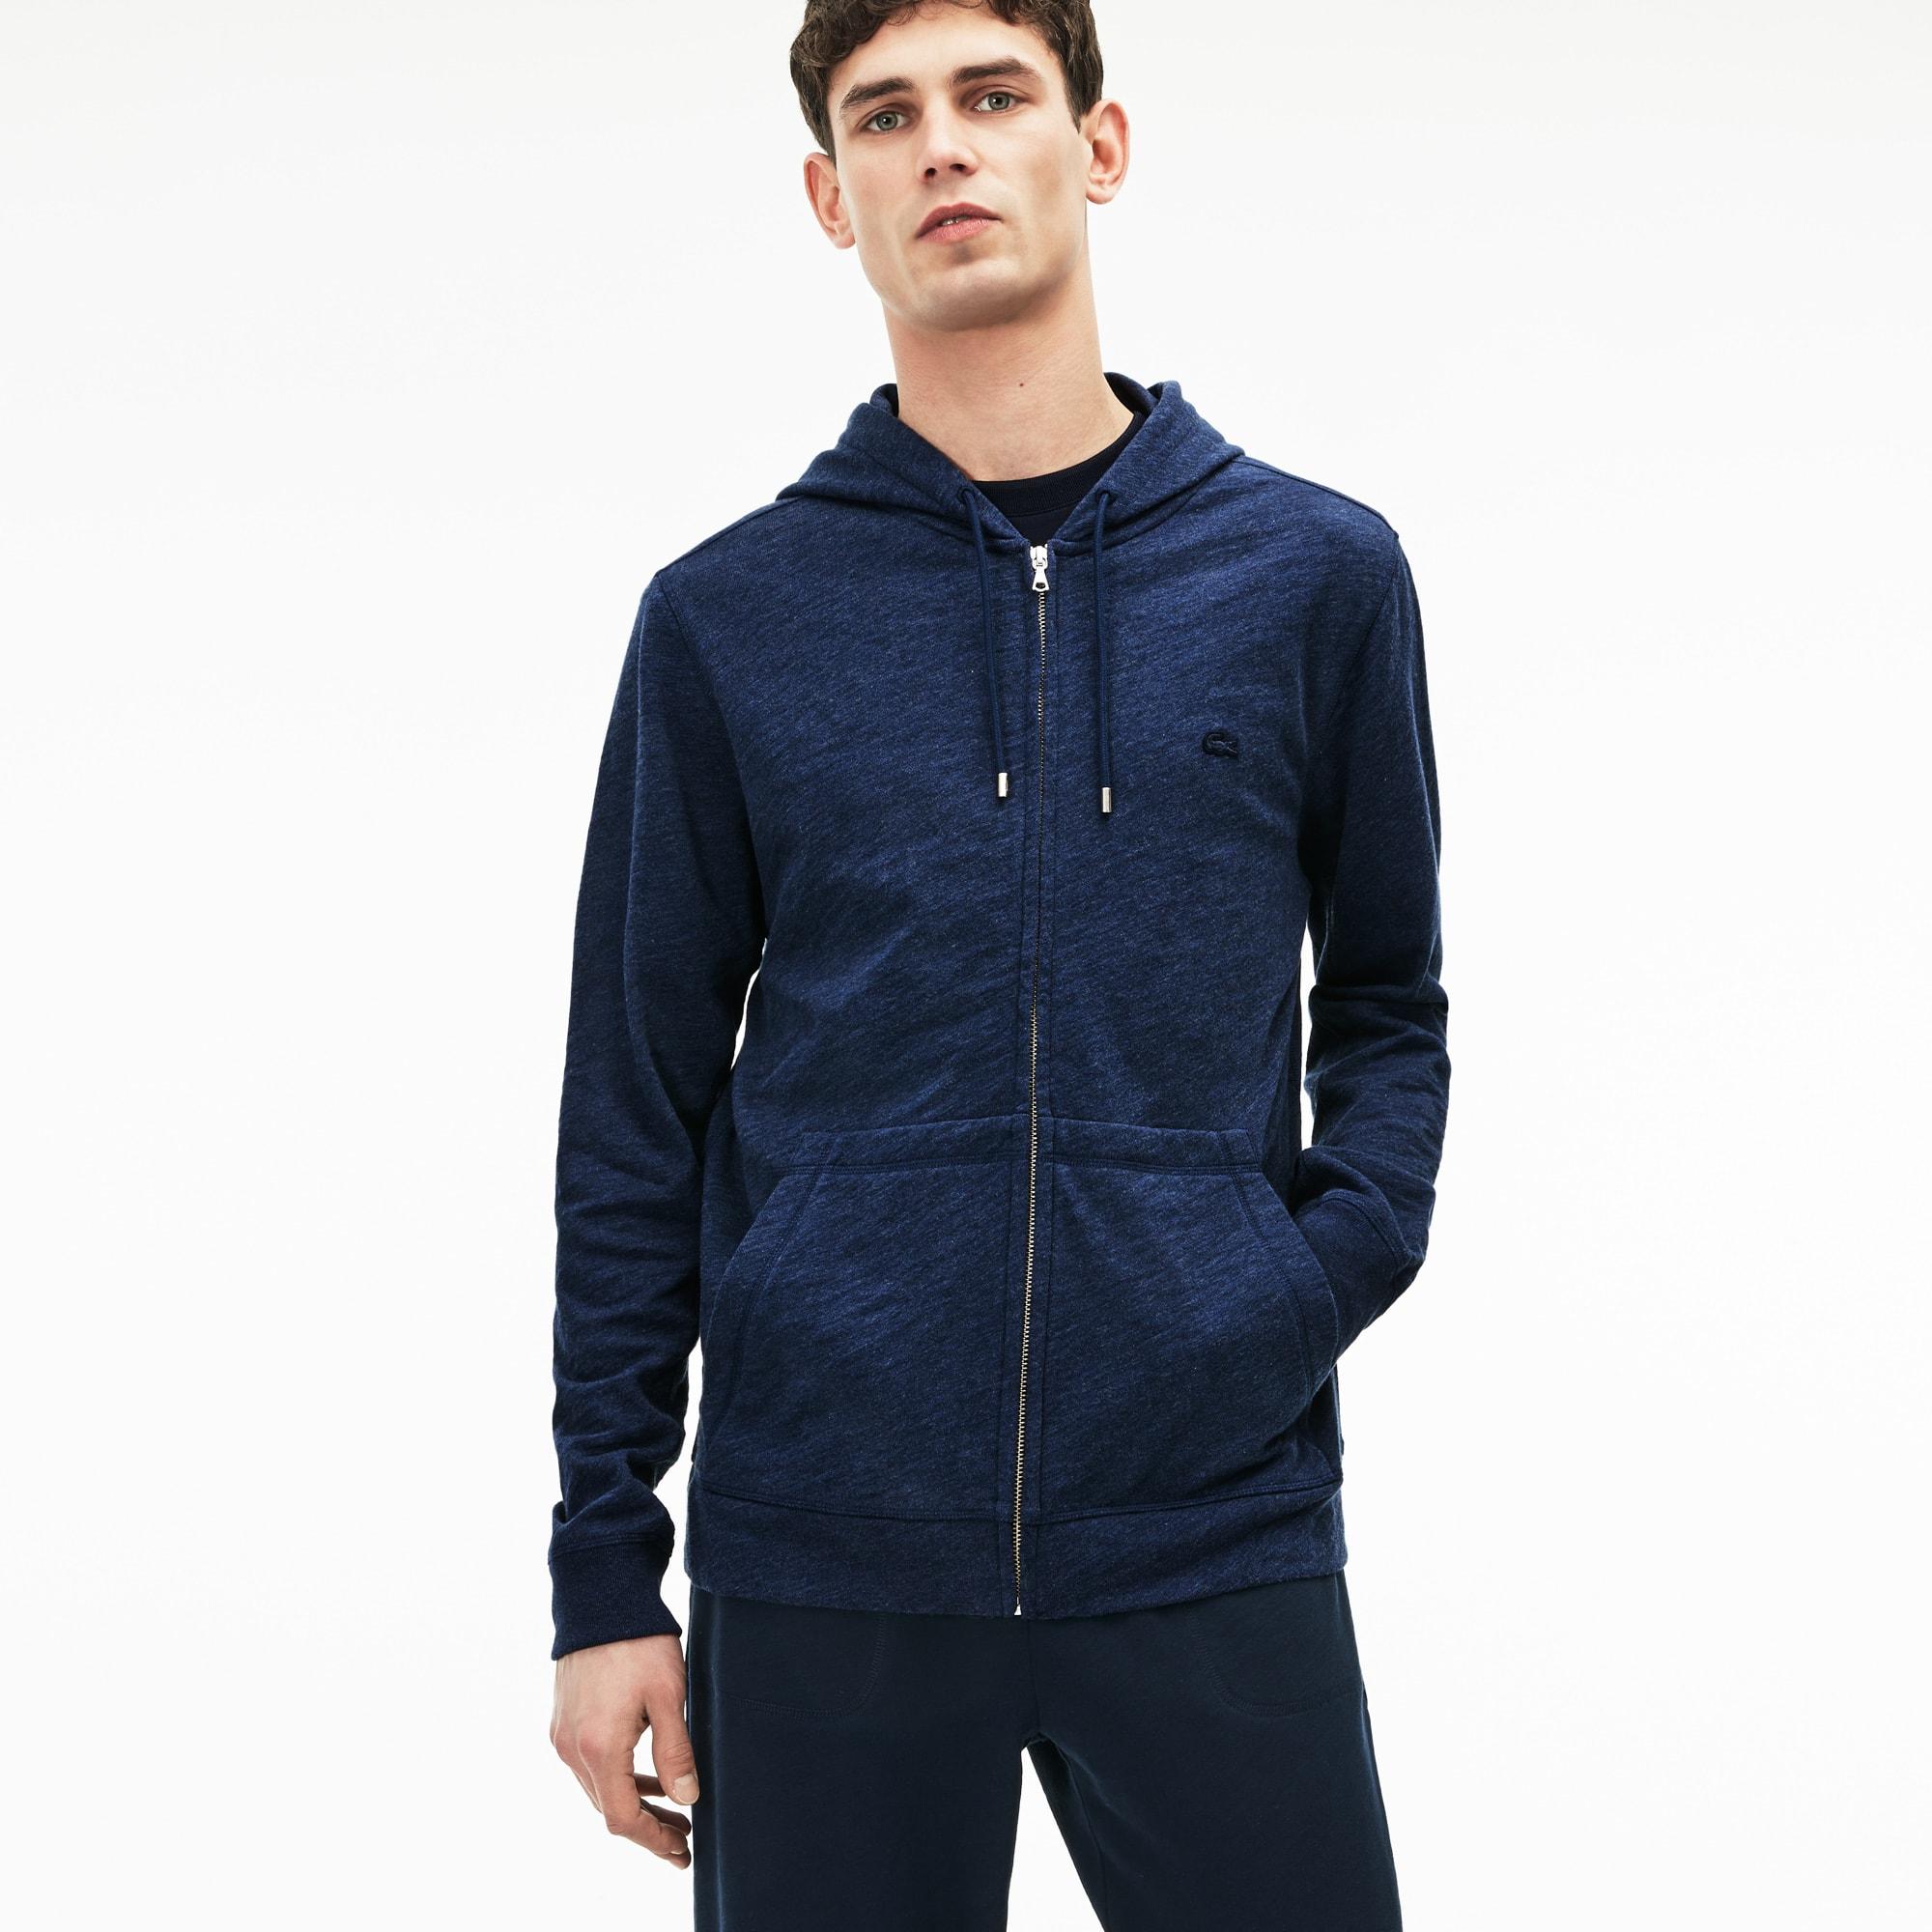 Homme Lacoste Homme Mode Homme Vêtements Mode Vêtements Mode Lacoste Homme Mode Vêtements Homme Vêtements Vêtements Lacoste Lacoste Mode ZwAZv